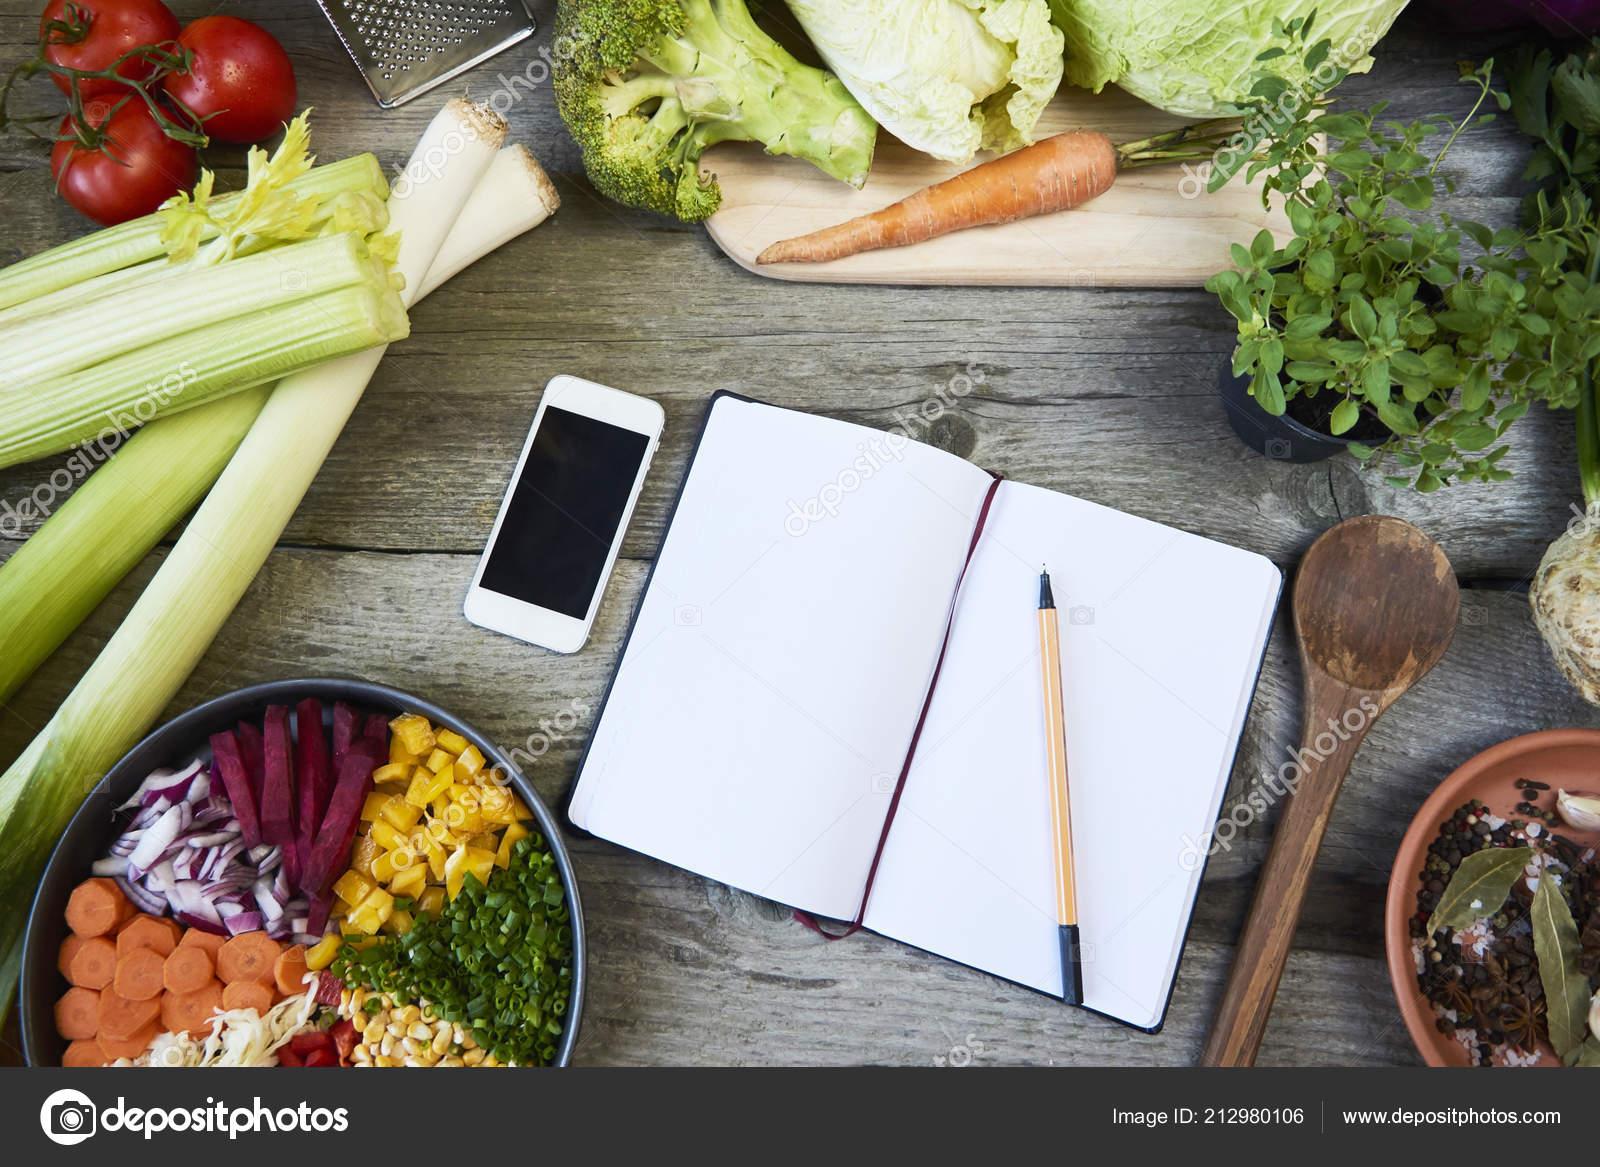 recipe template recipe book spice onion garlic tomatoes greens gray